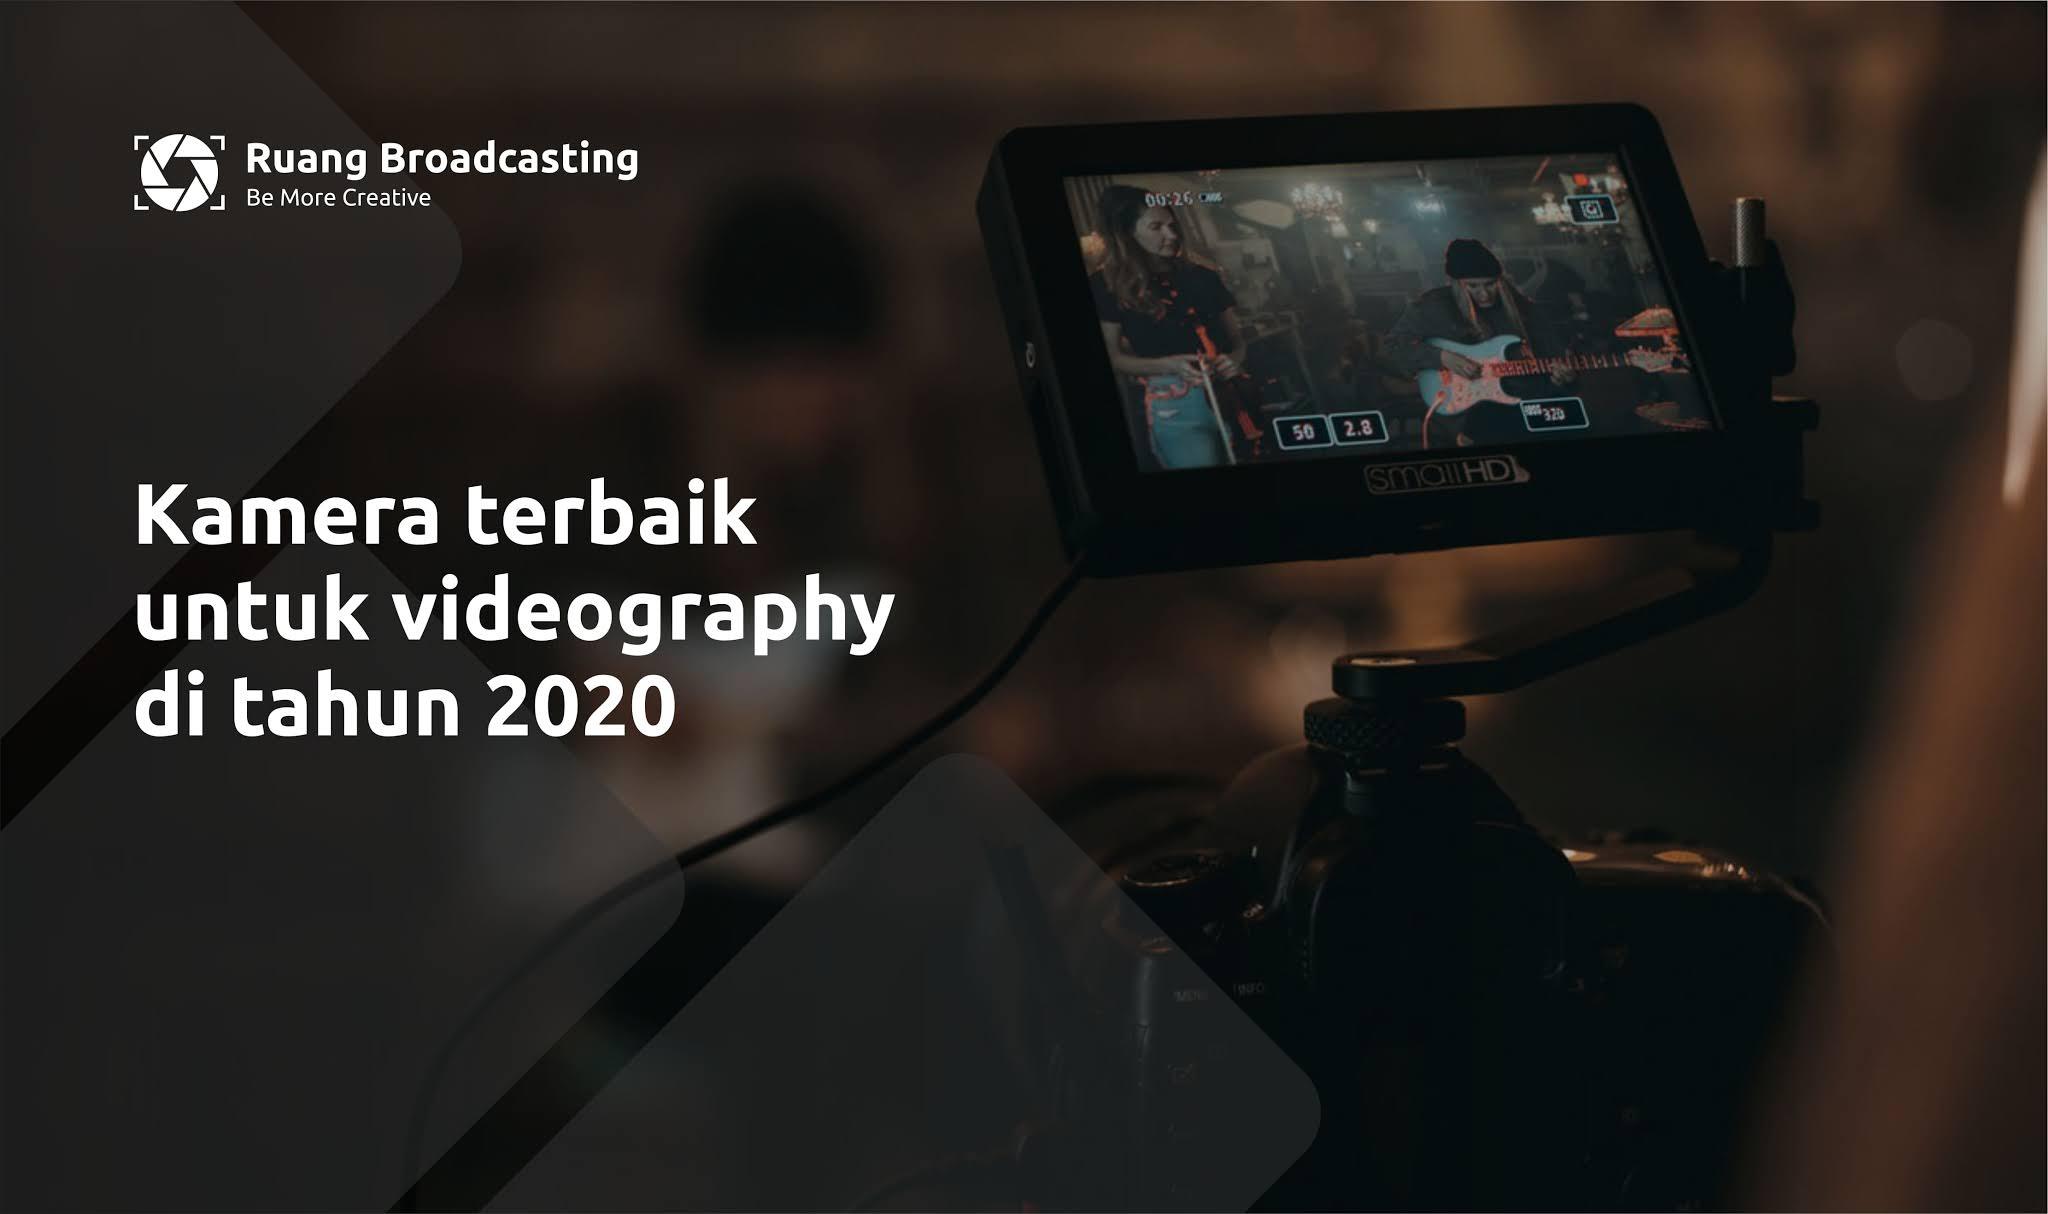 Kamera terbaik untuk videography di tahun 2020